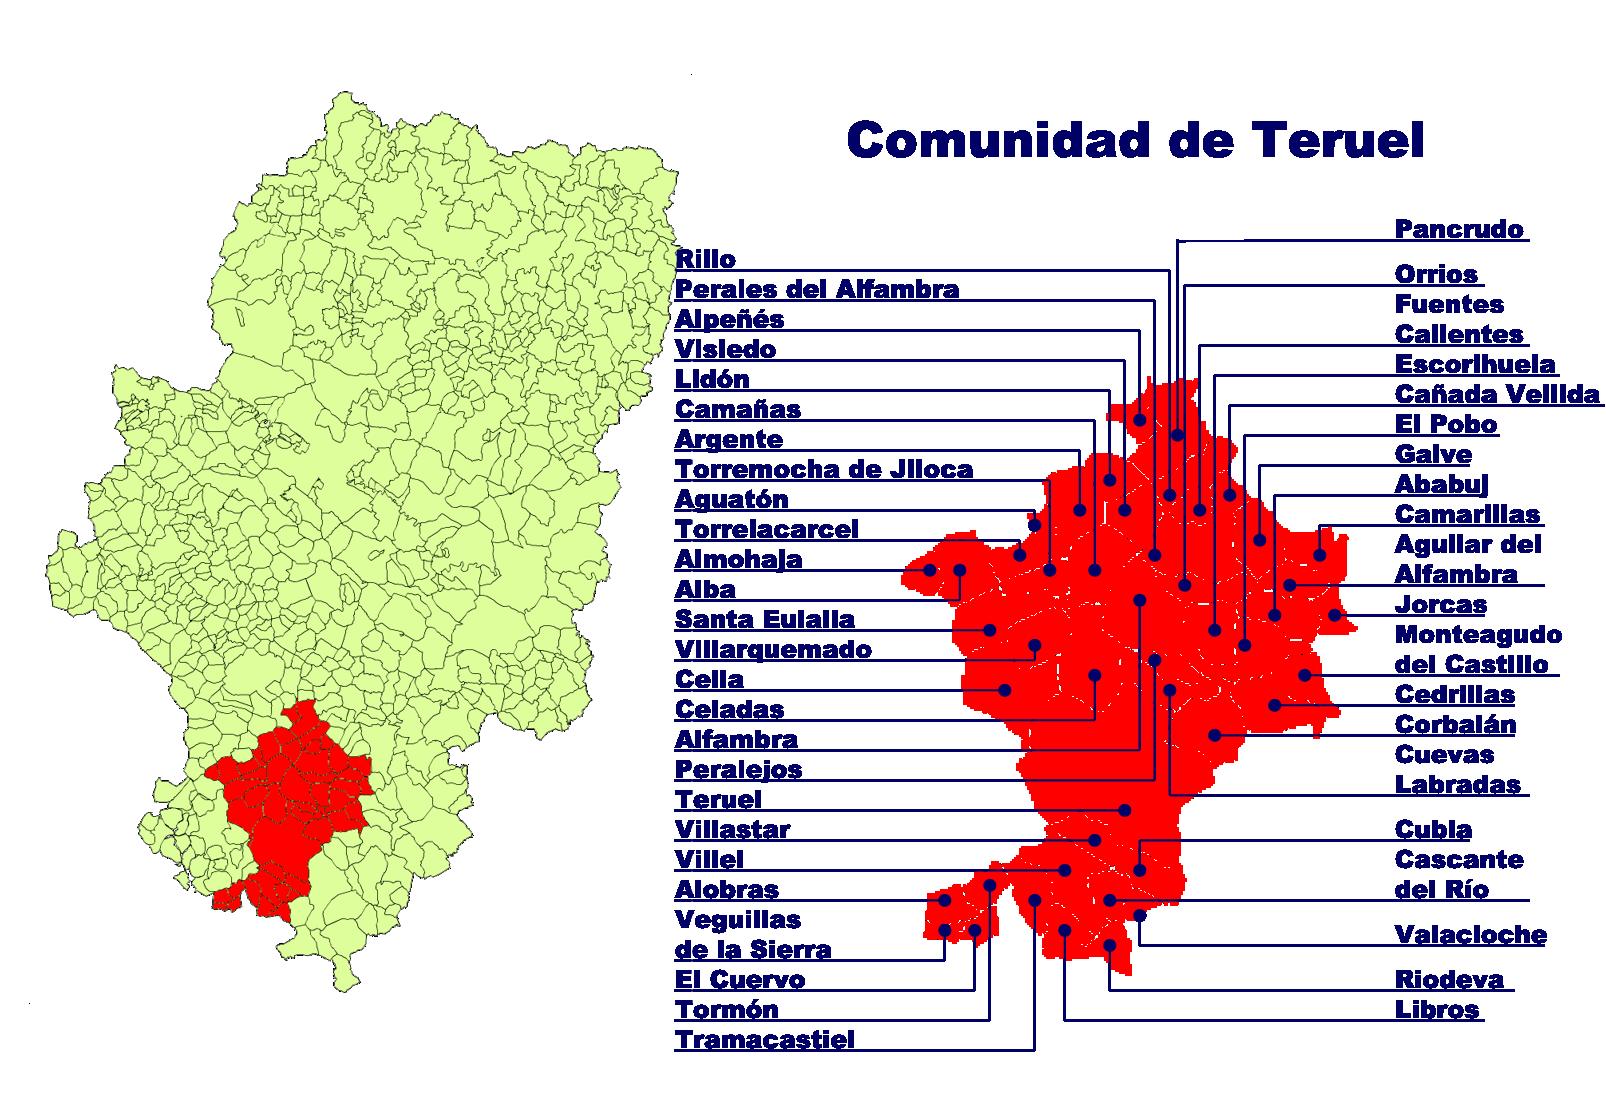 Depiction of Comunidad de Teruel